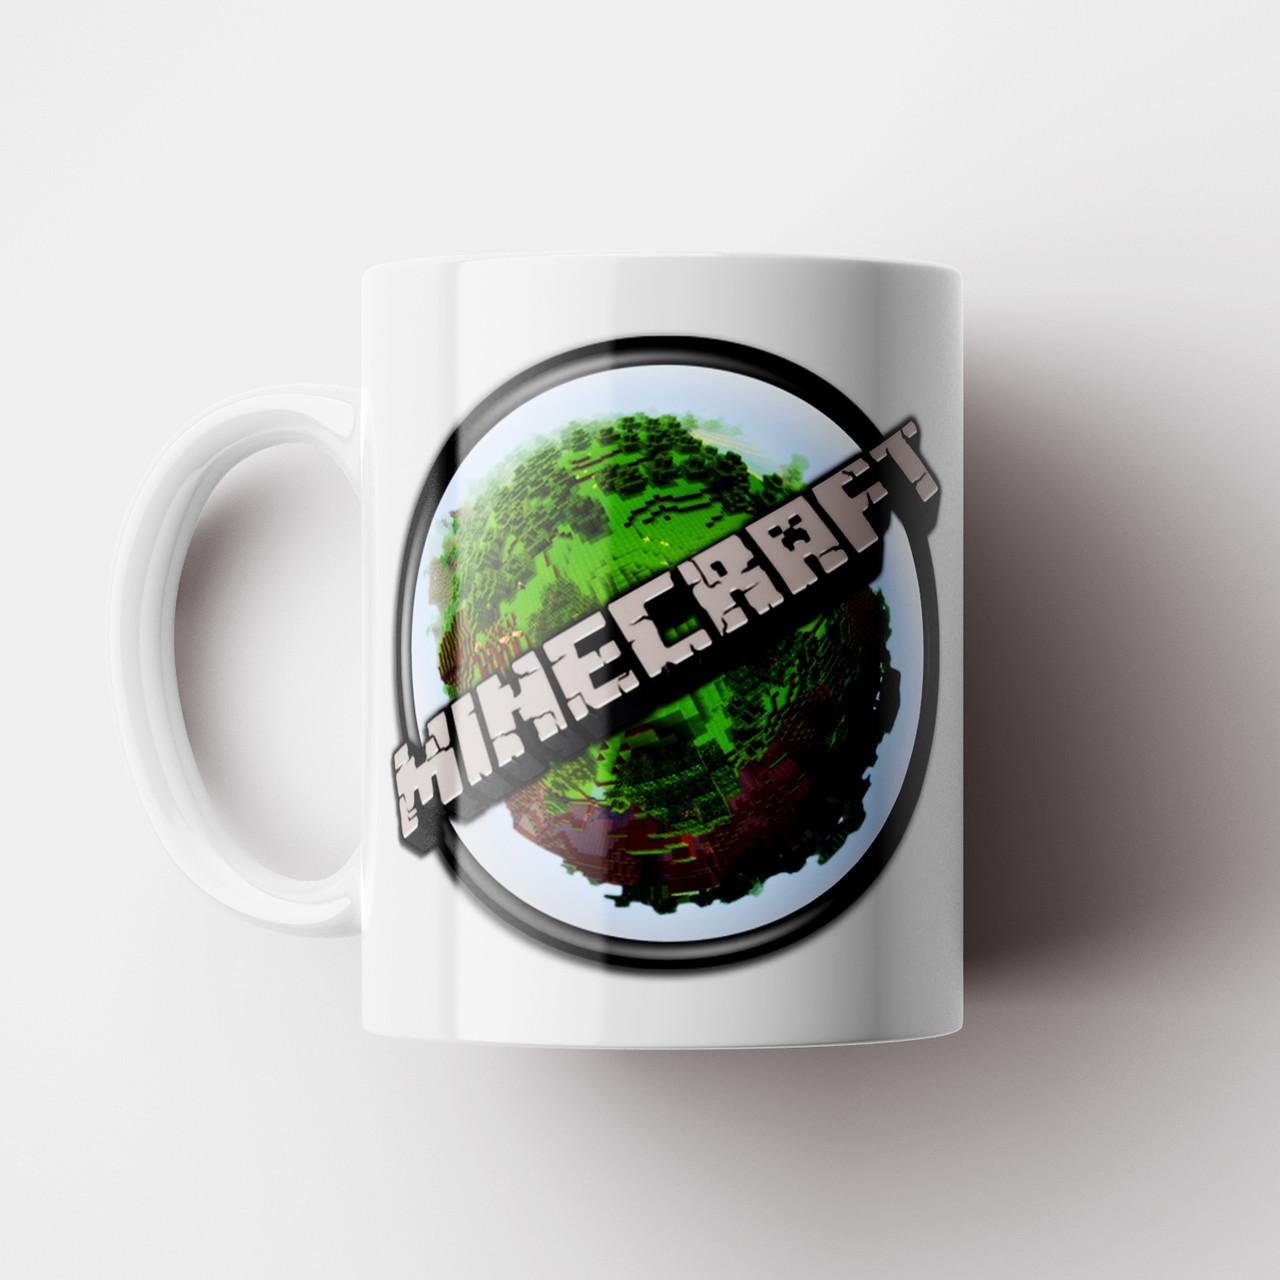 Чашка Minecraft. Кружка Майнкрафт. Чашка с фото